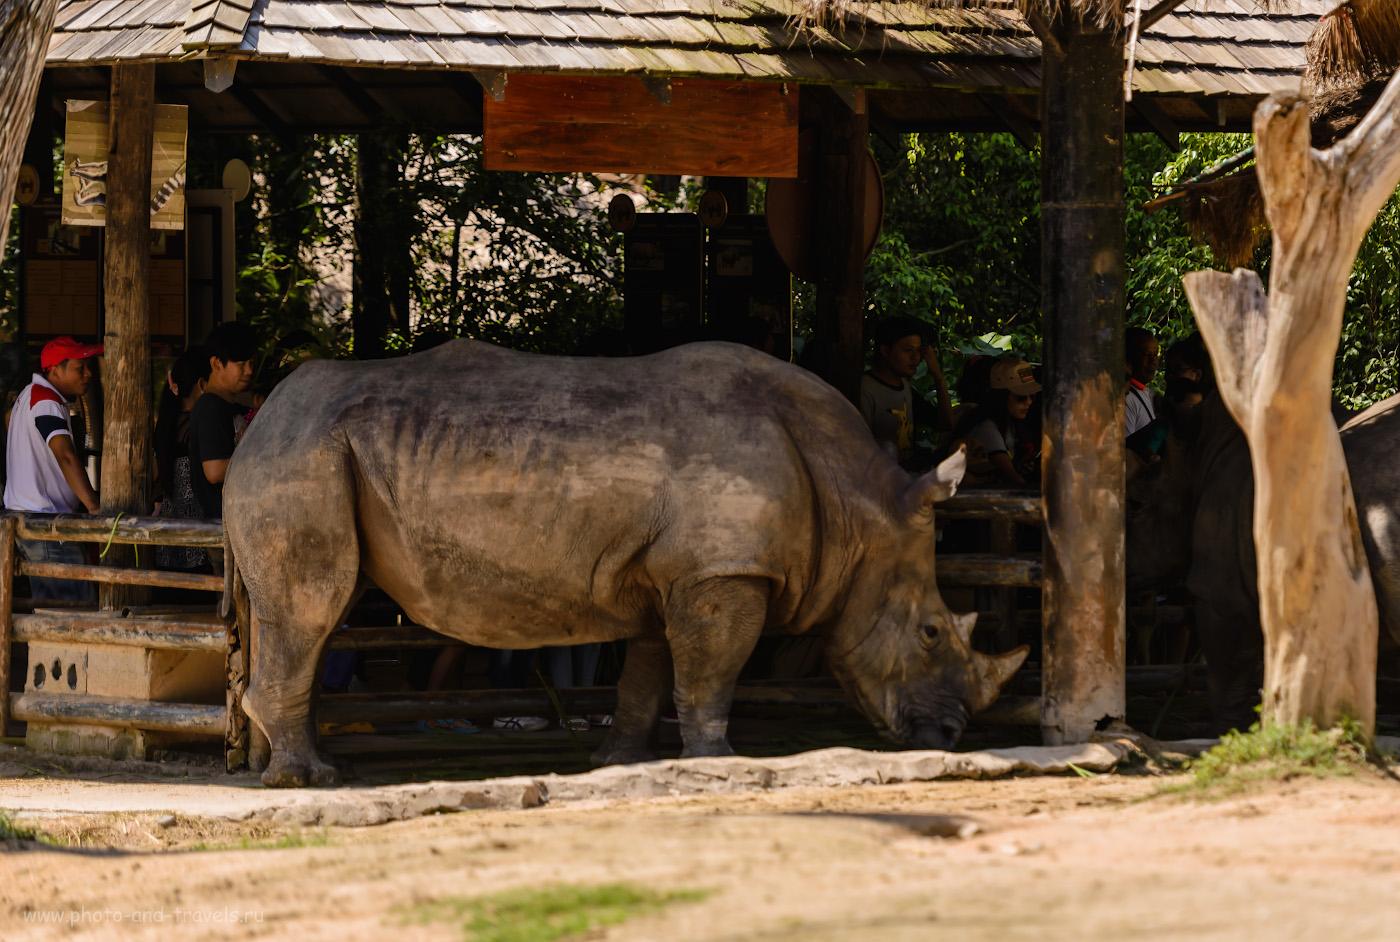 Фото 19. Носорог в зоопарке «Кхао-Кхео». Интересные экскурсии, куда можно поехать в Паттайе. Достопримечательности, которые можно посетить во время отдыха в Таиланде. 1/1000, -0.33, 2.8, 100, 145.